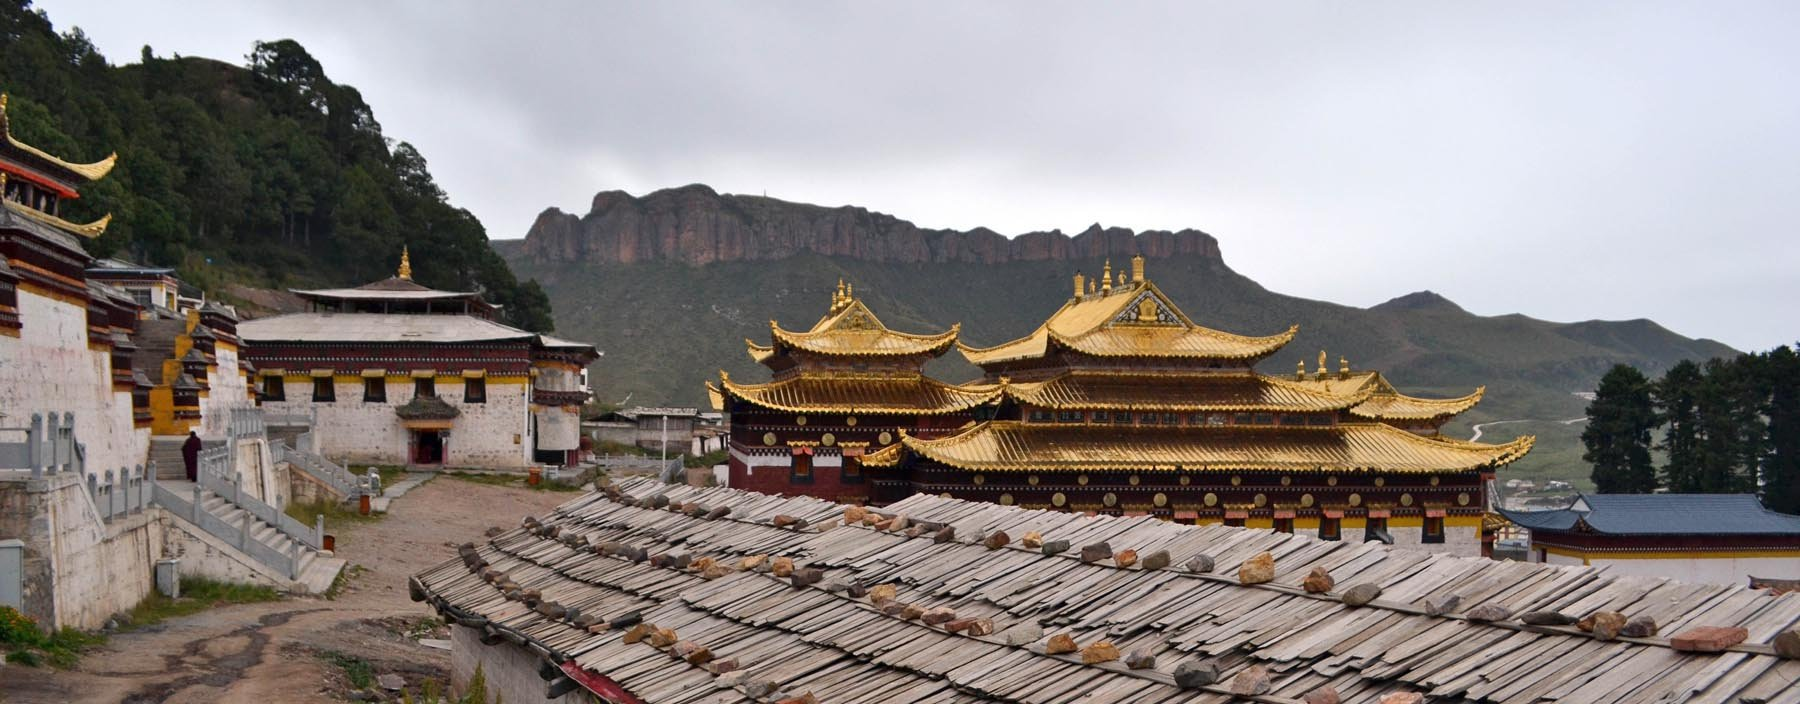 cn, langmusi, serti gompa tempel (2).jpg